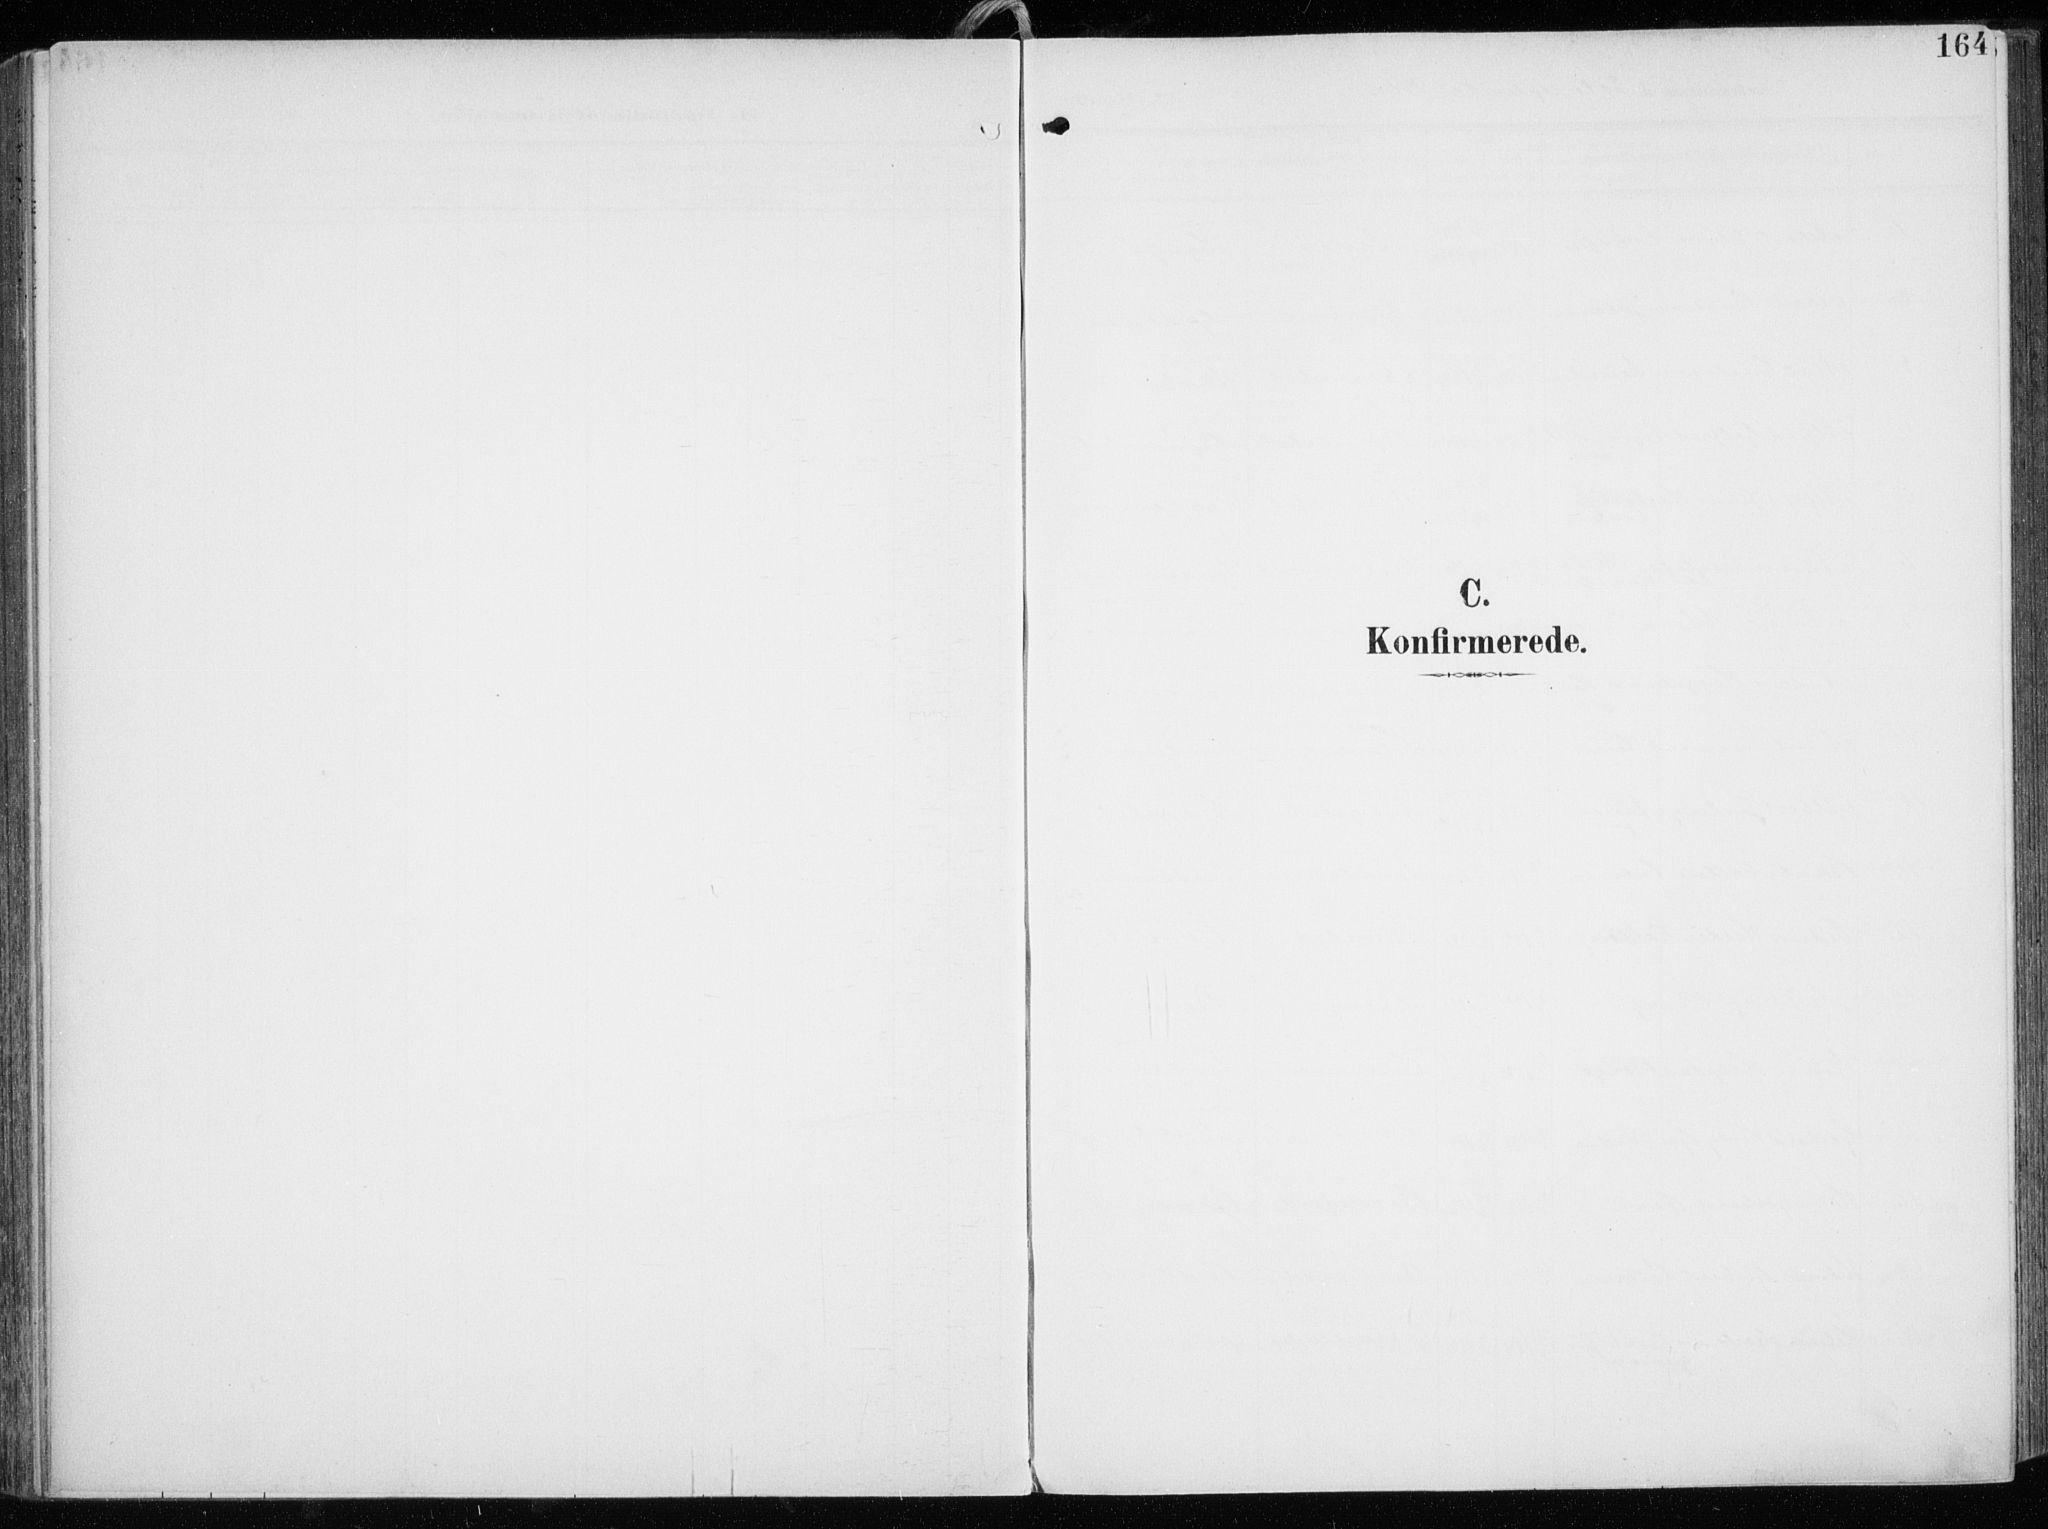 SATØ, Tromsøysund sokneprestkontor, G/Ga/L0007kirke: Ministerialbok nr. 7, 1907-1914, s. 164